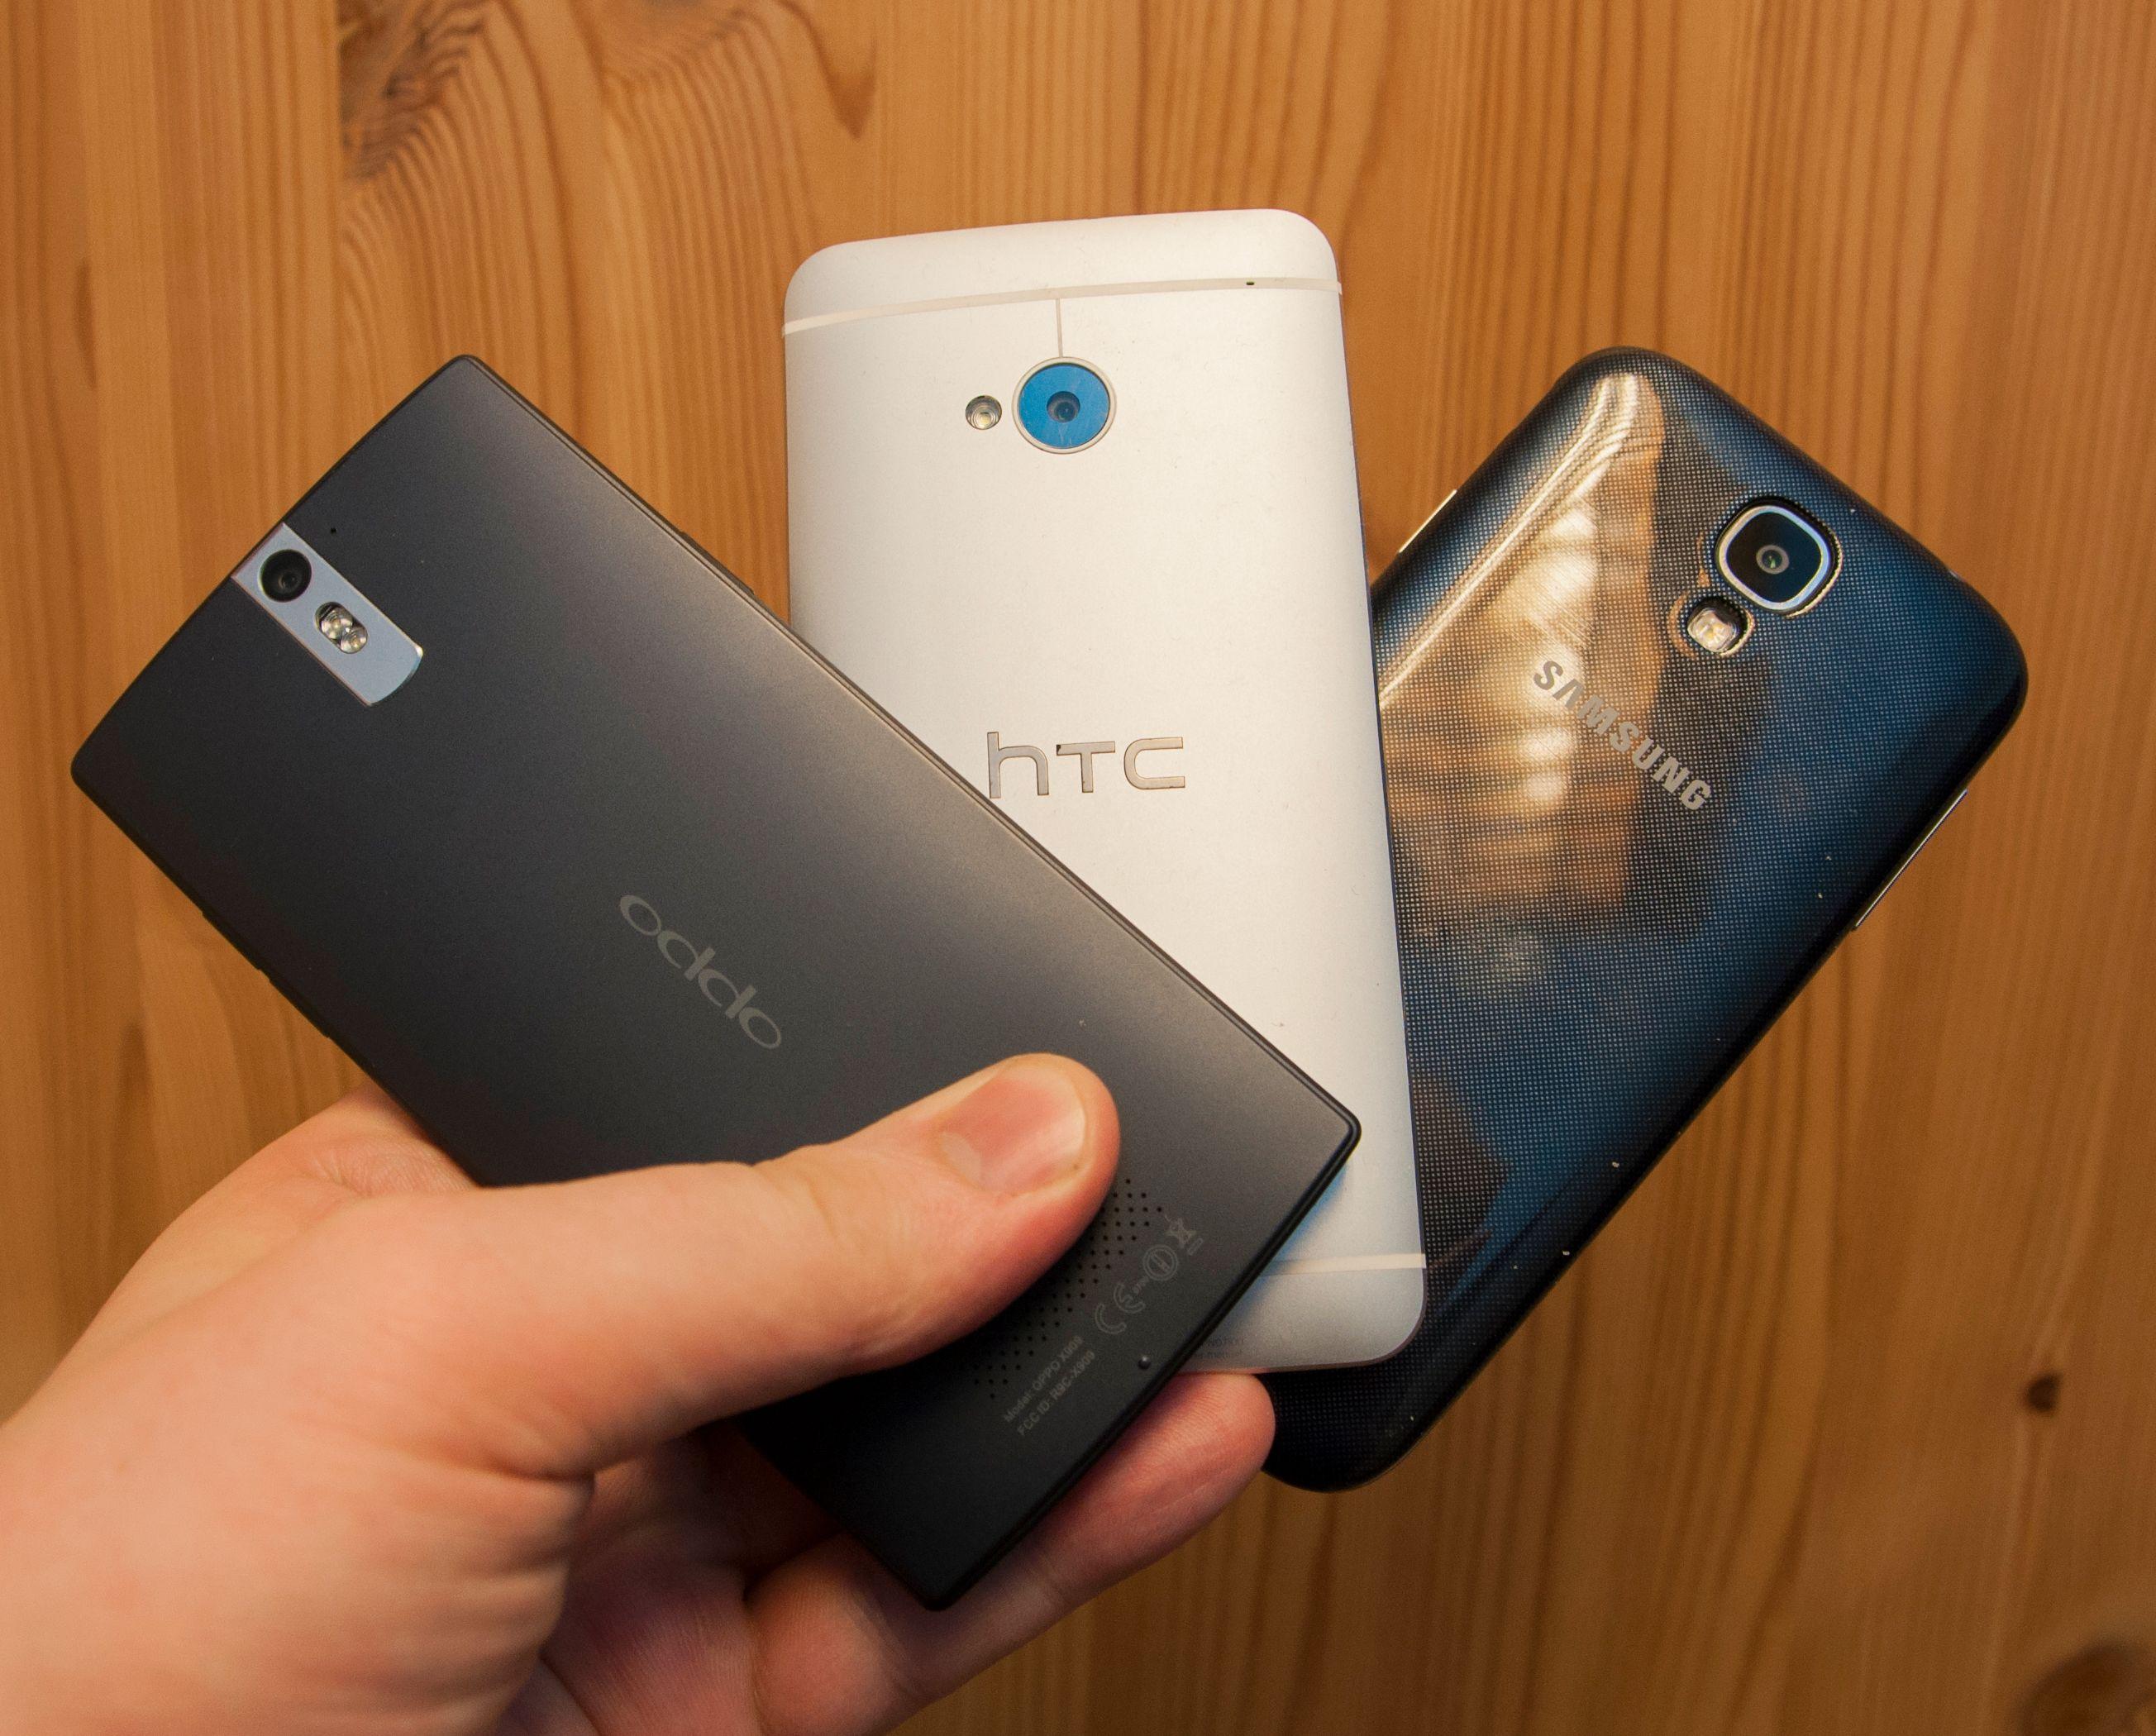 Oppo Find 5, HTC One og Samsung Galaxy S4.Foto: Finn Jarle Kvalheim, Amobil.no